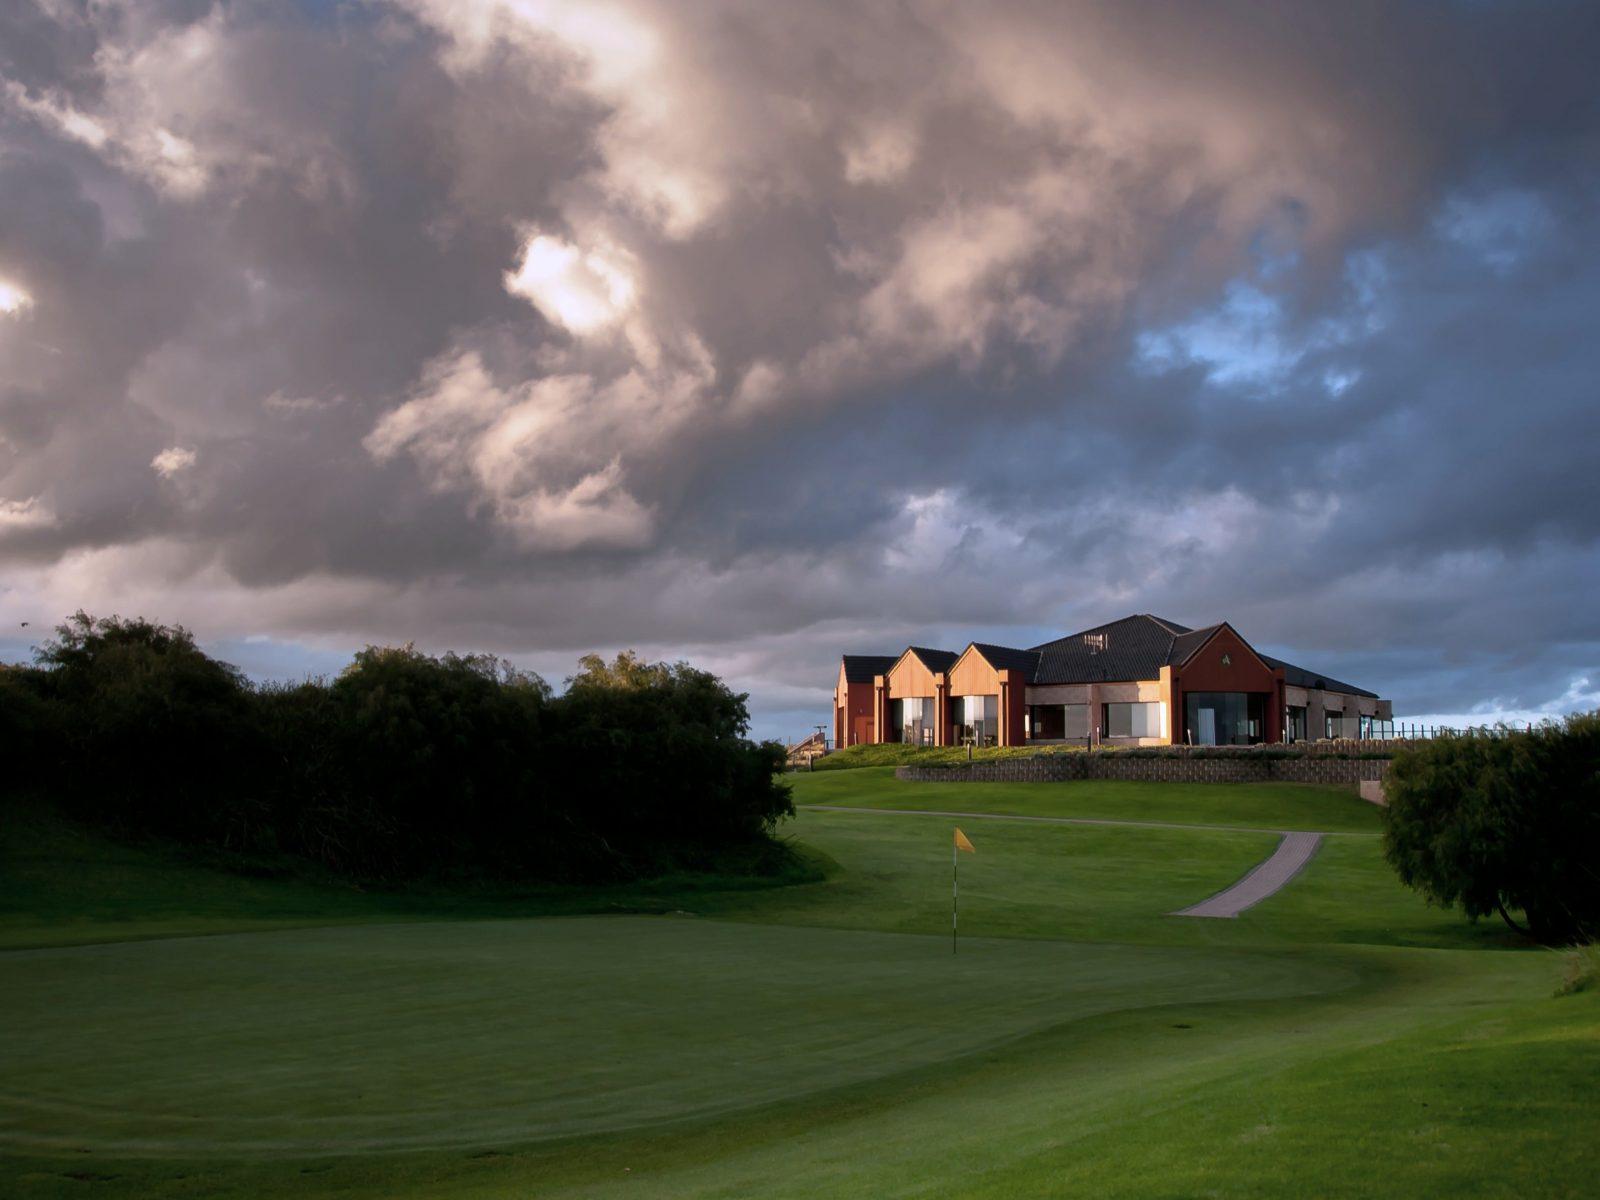 Albany Golf Club, Collingwood Park, Western Australia